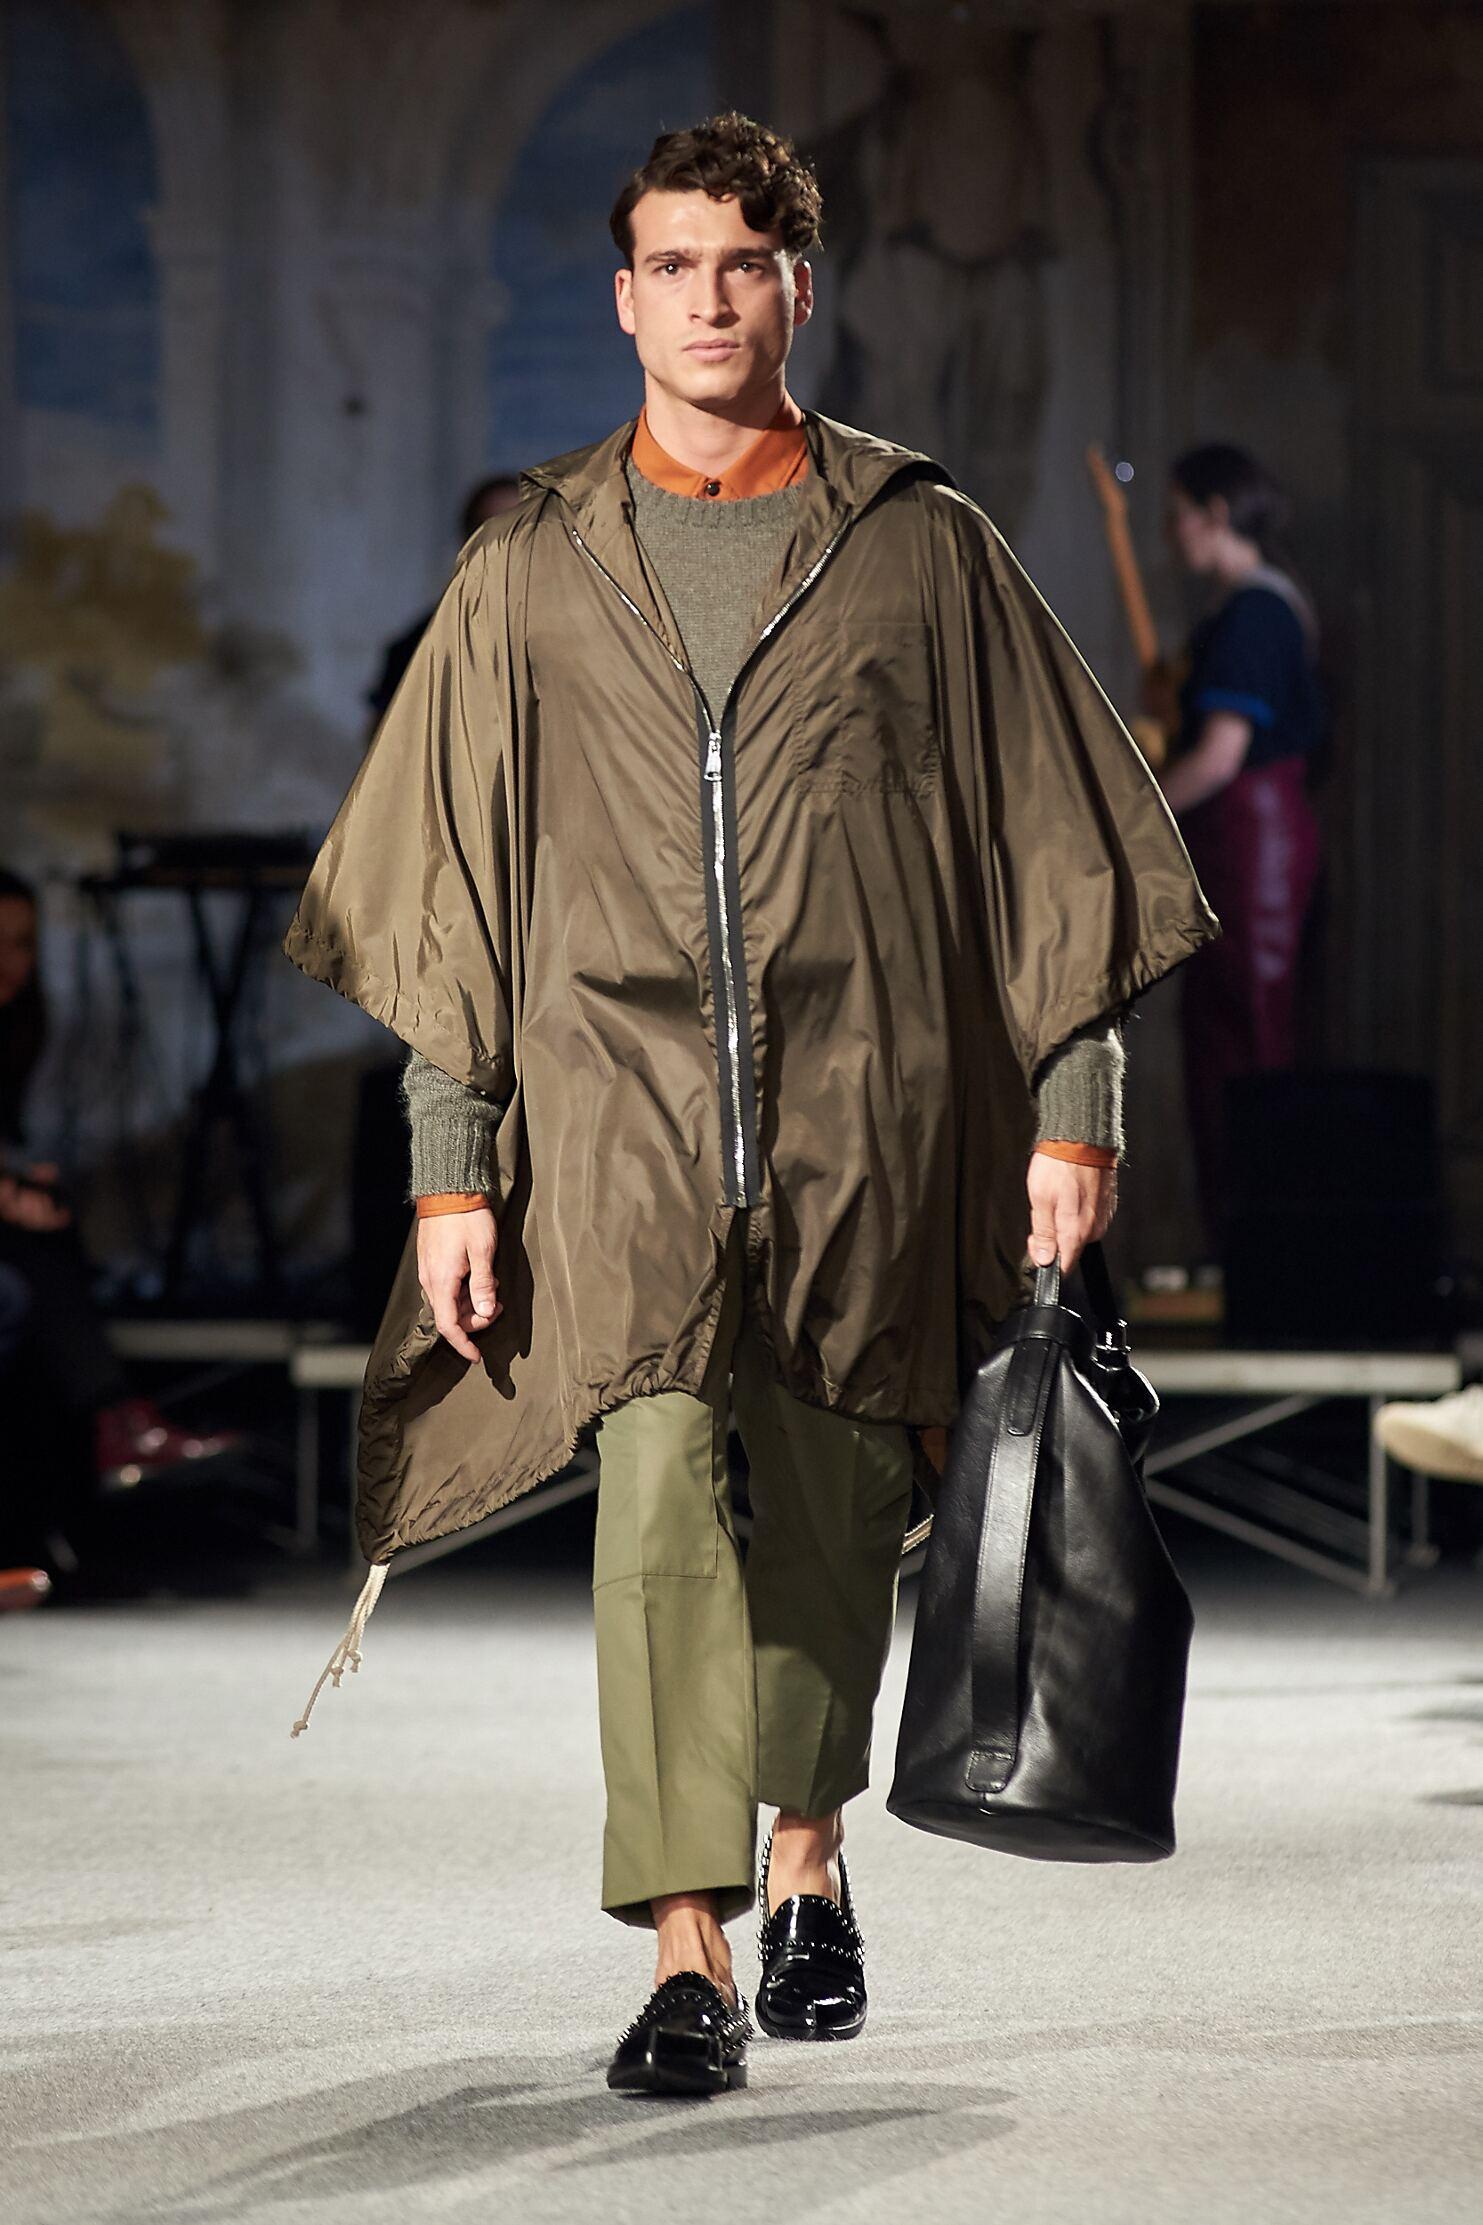 Man Winter 2015 Fashion Show Andrea Incontri